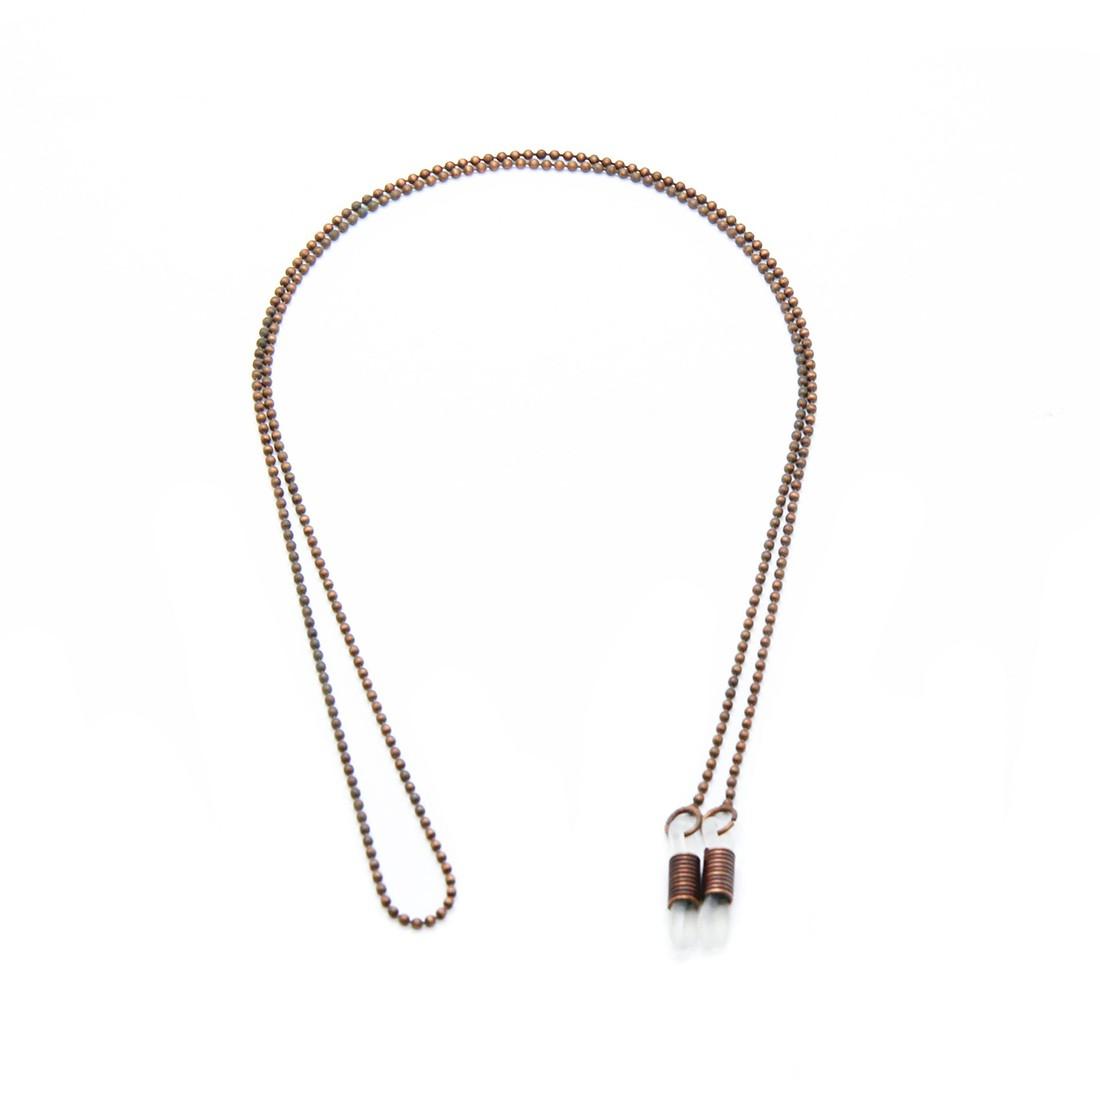 Corrente Metal B 1800 62cm Cor Cobre